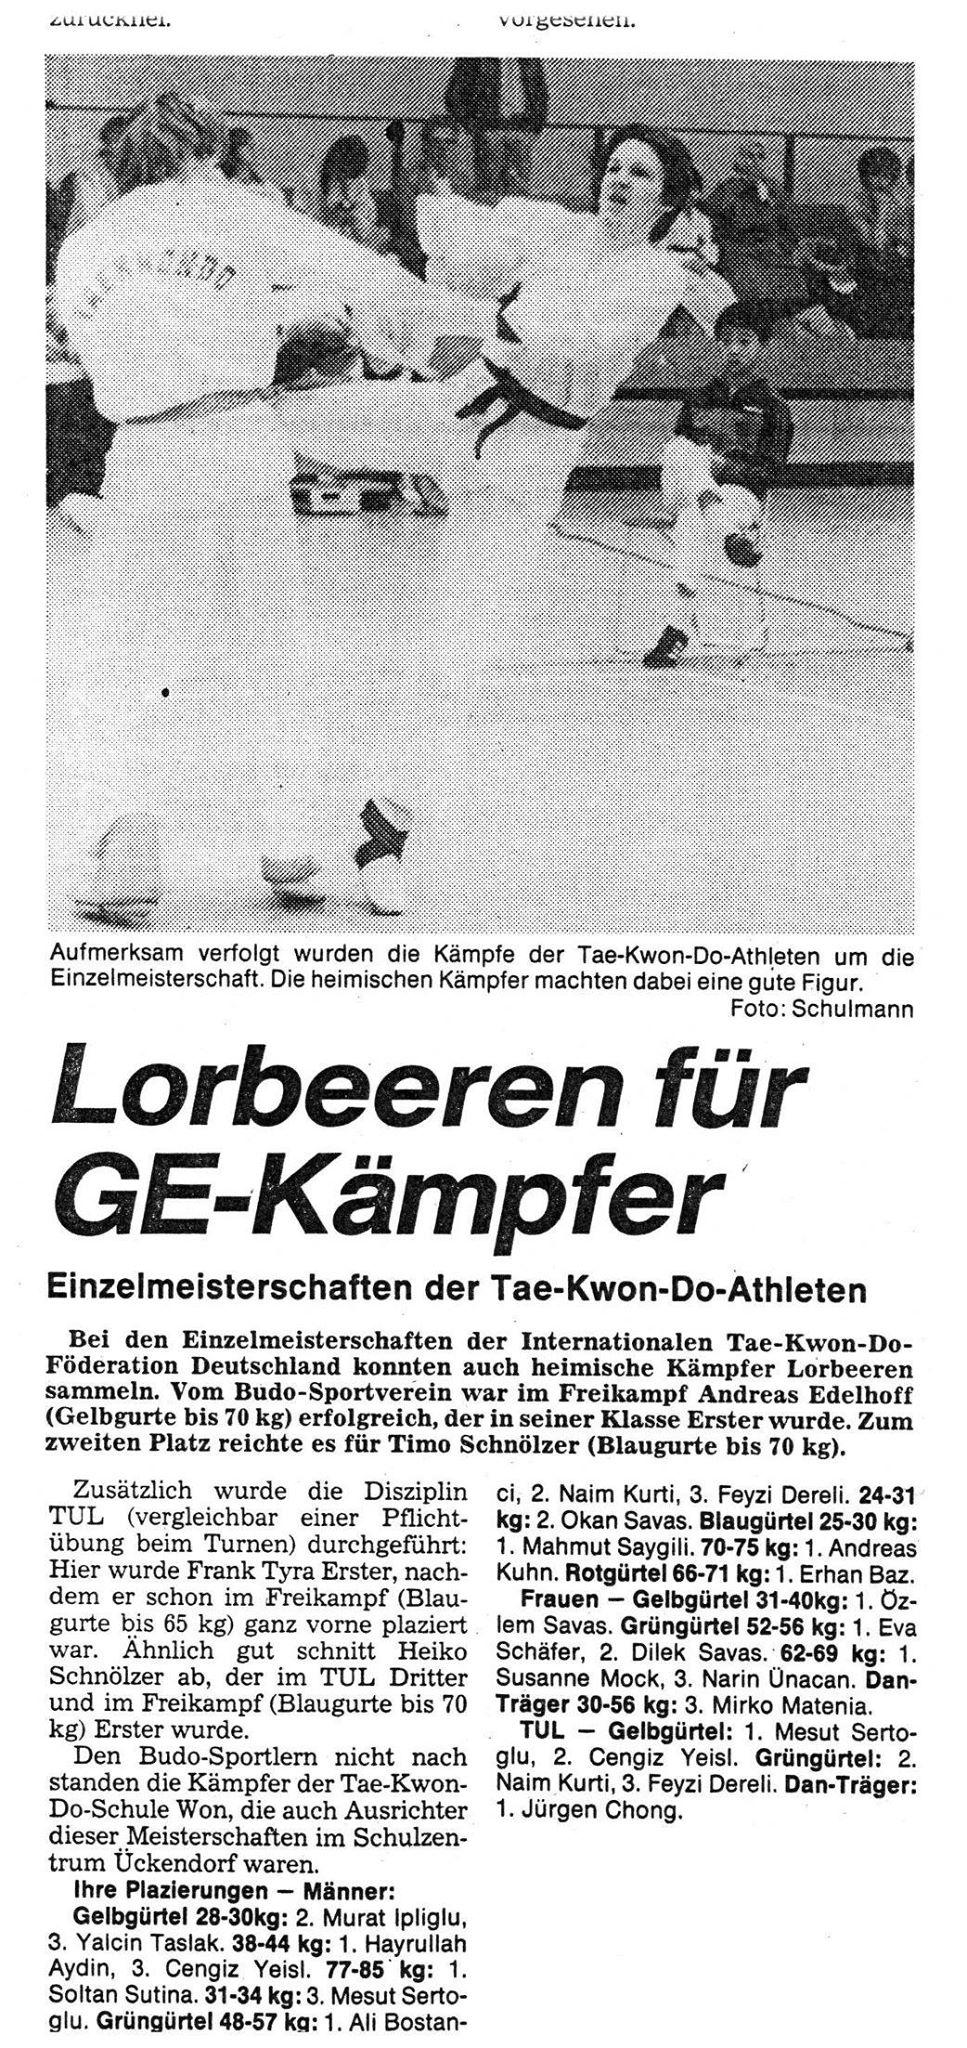 Lorbeeren